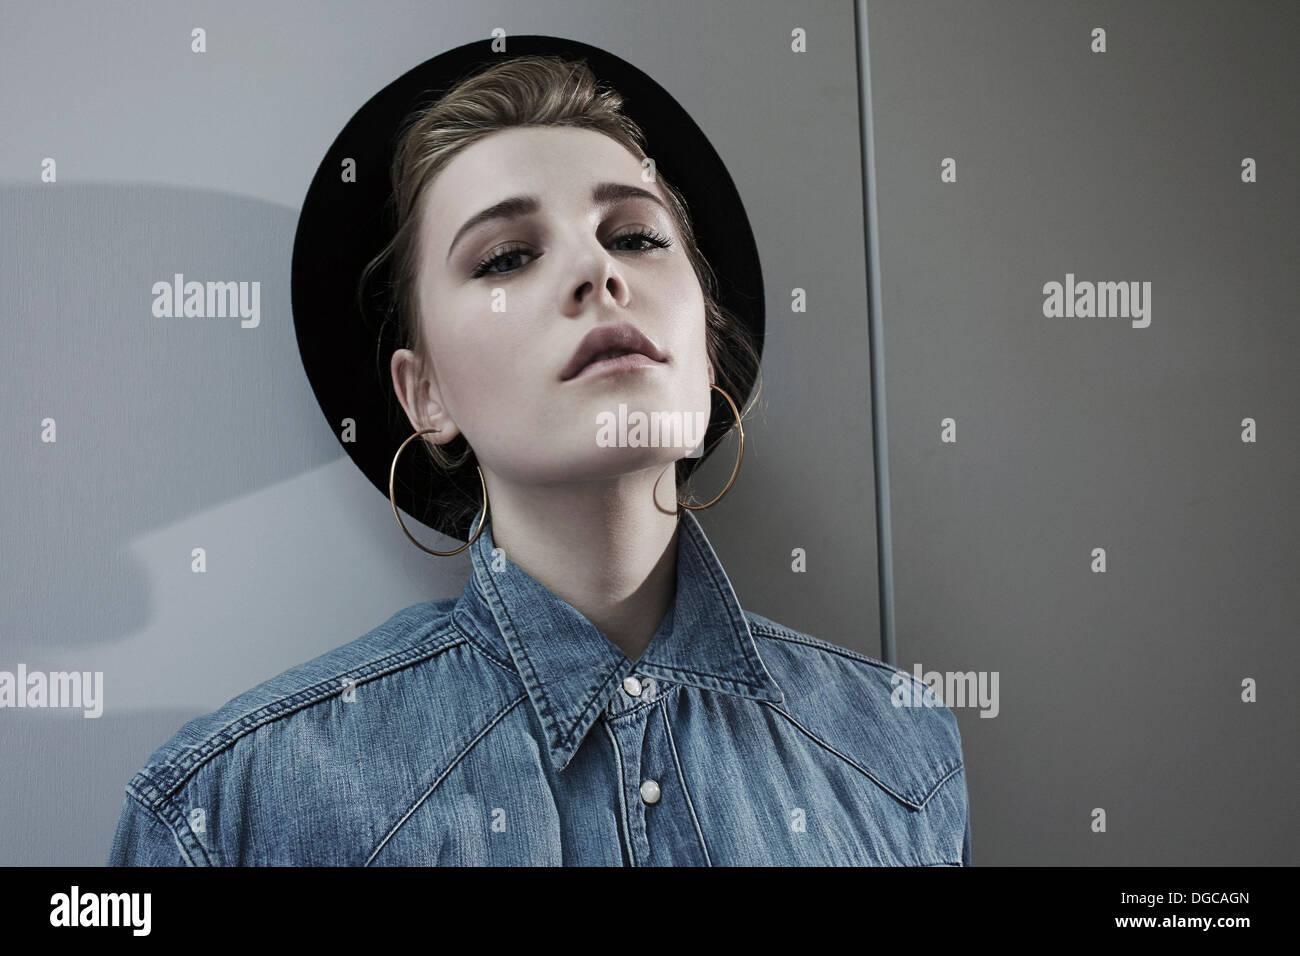 Young woman wearing hat et hoop earrings, portrait Photo Stock